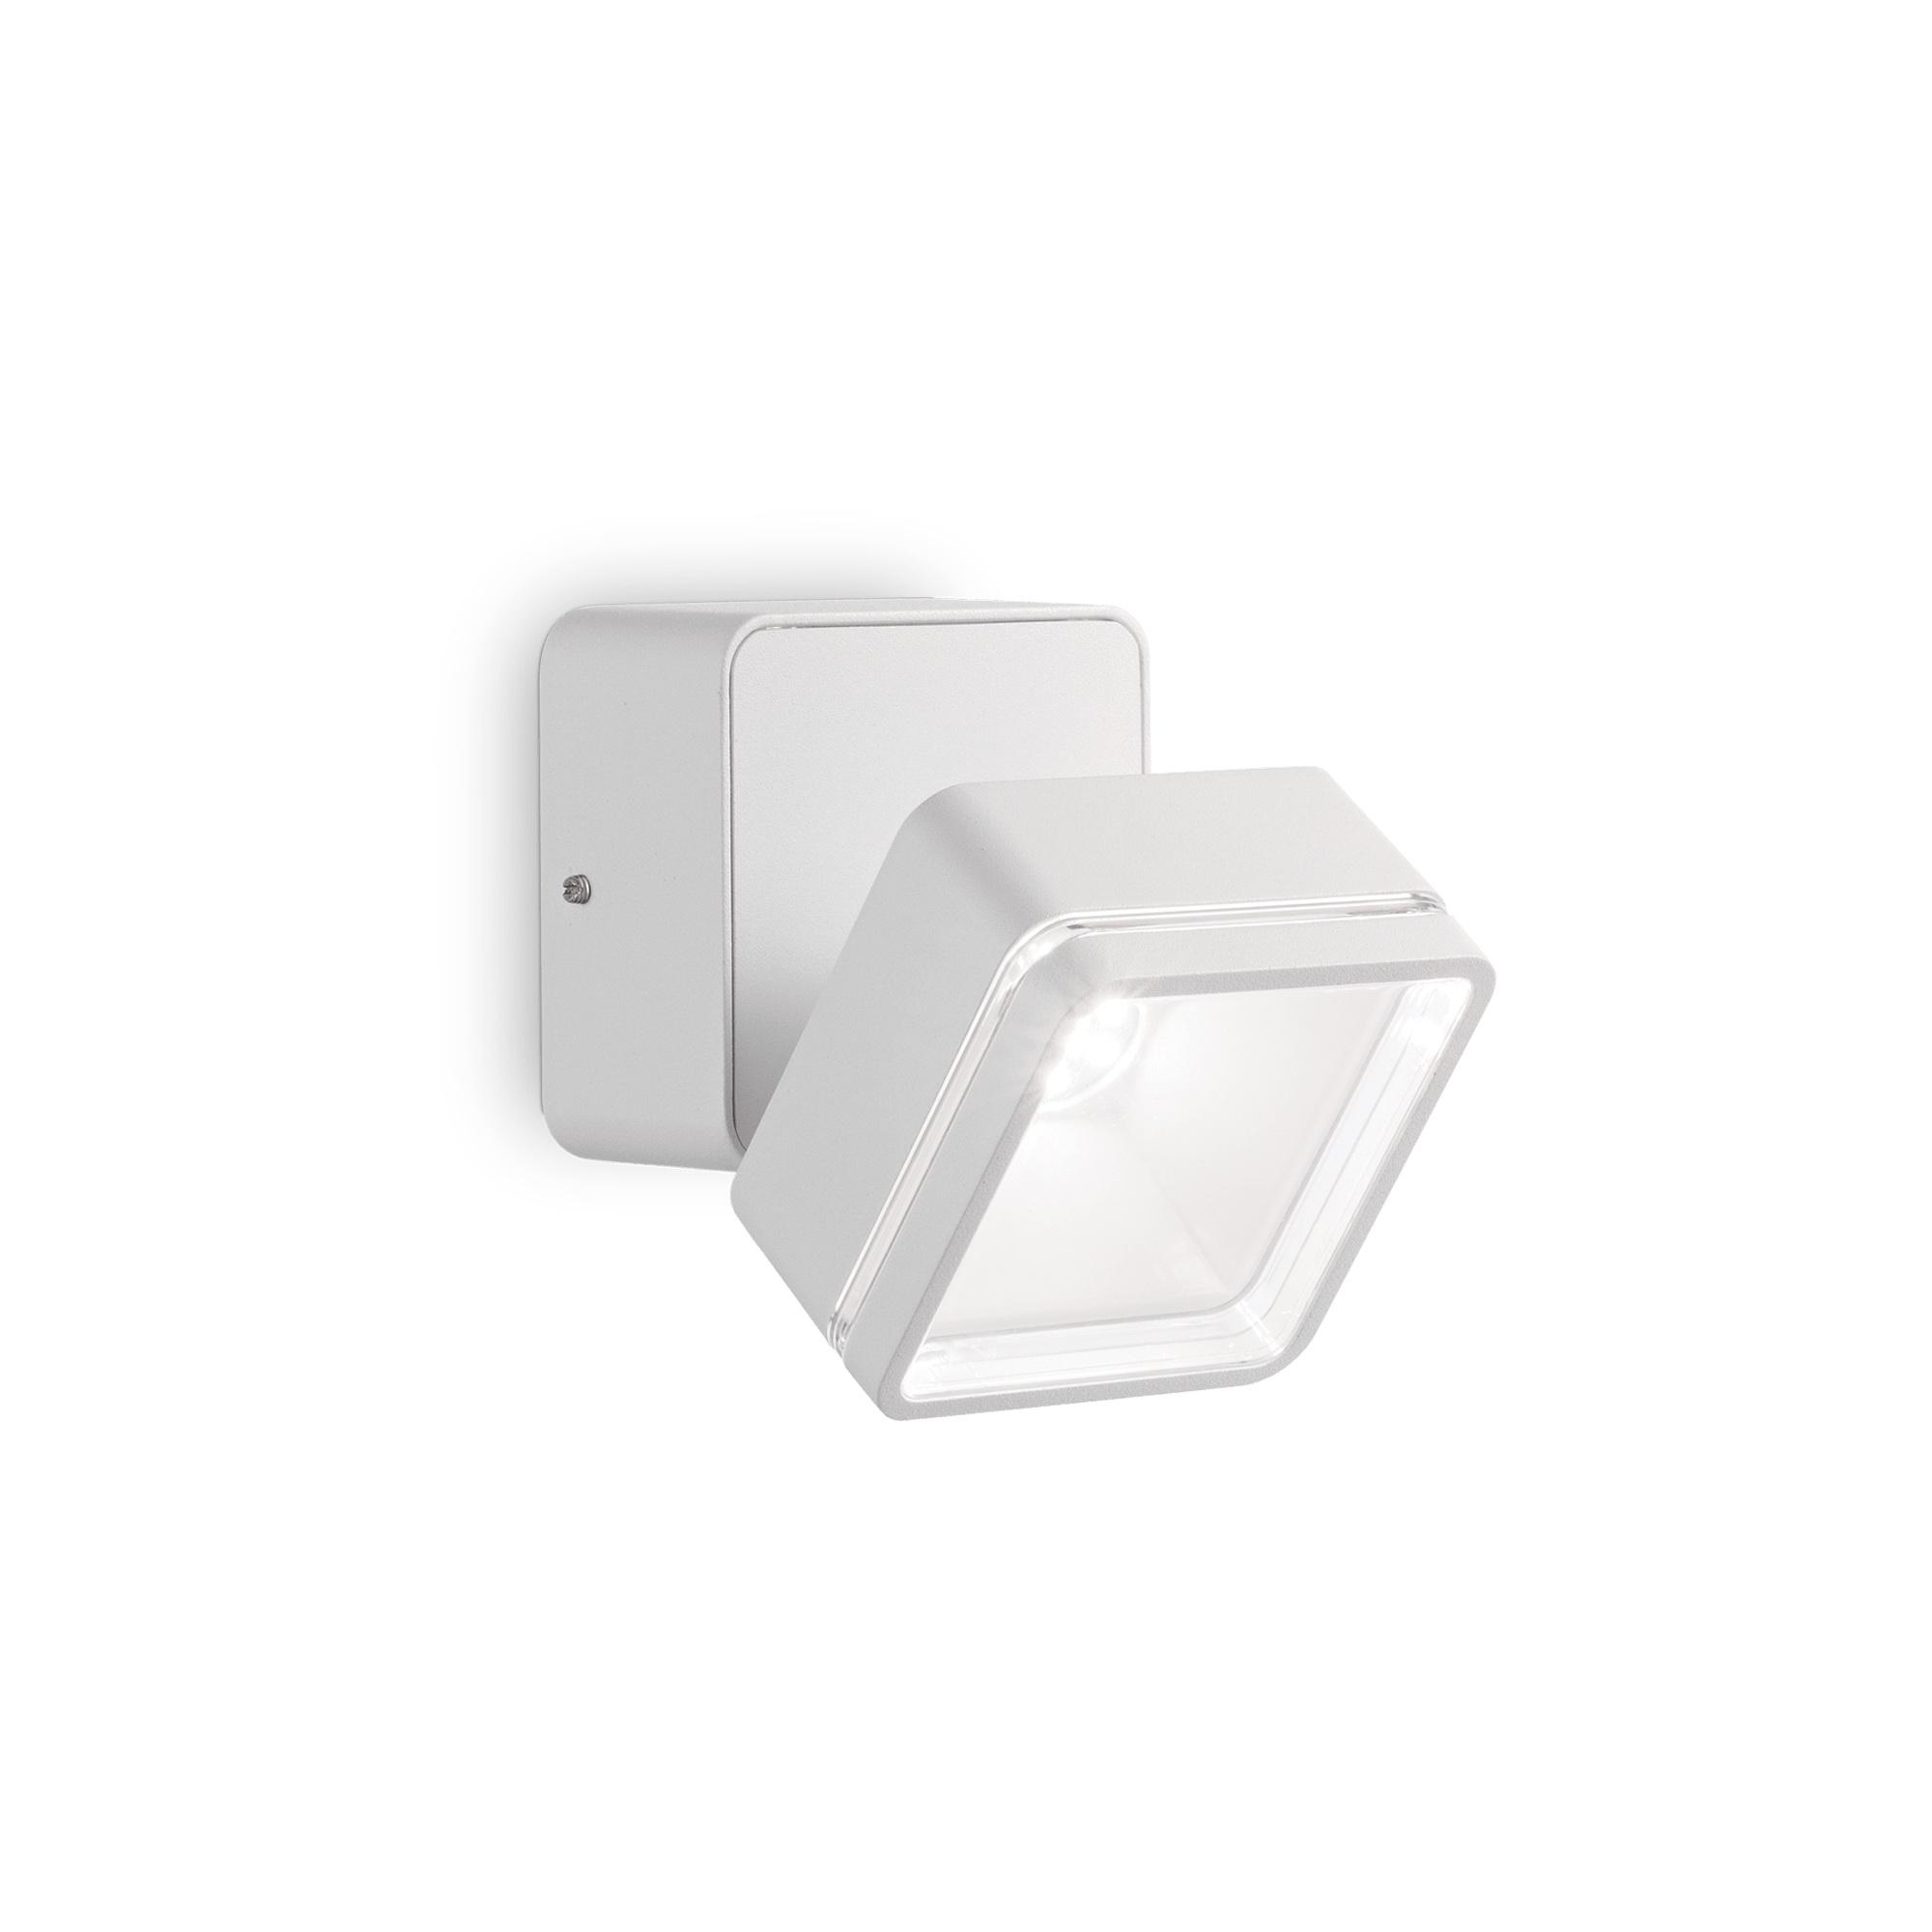 OMEGA SQUARE AP1 BIANCO уличный накладной светильник белый